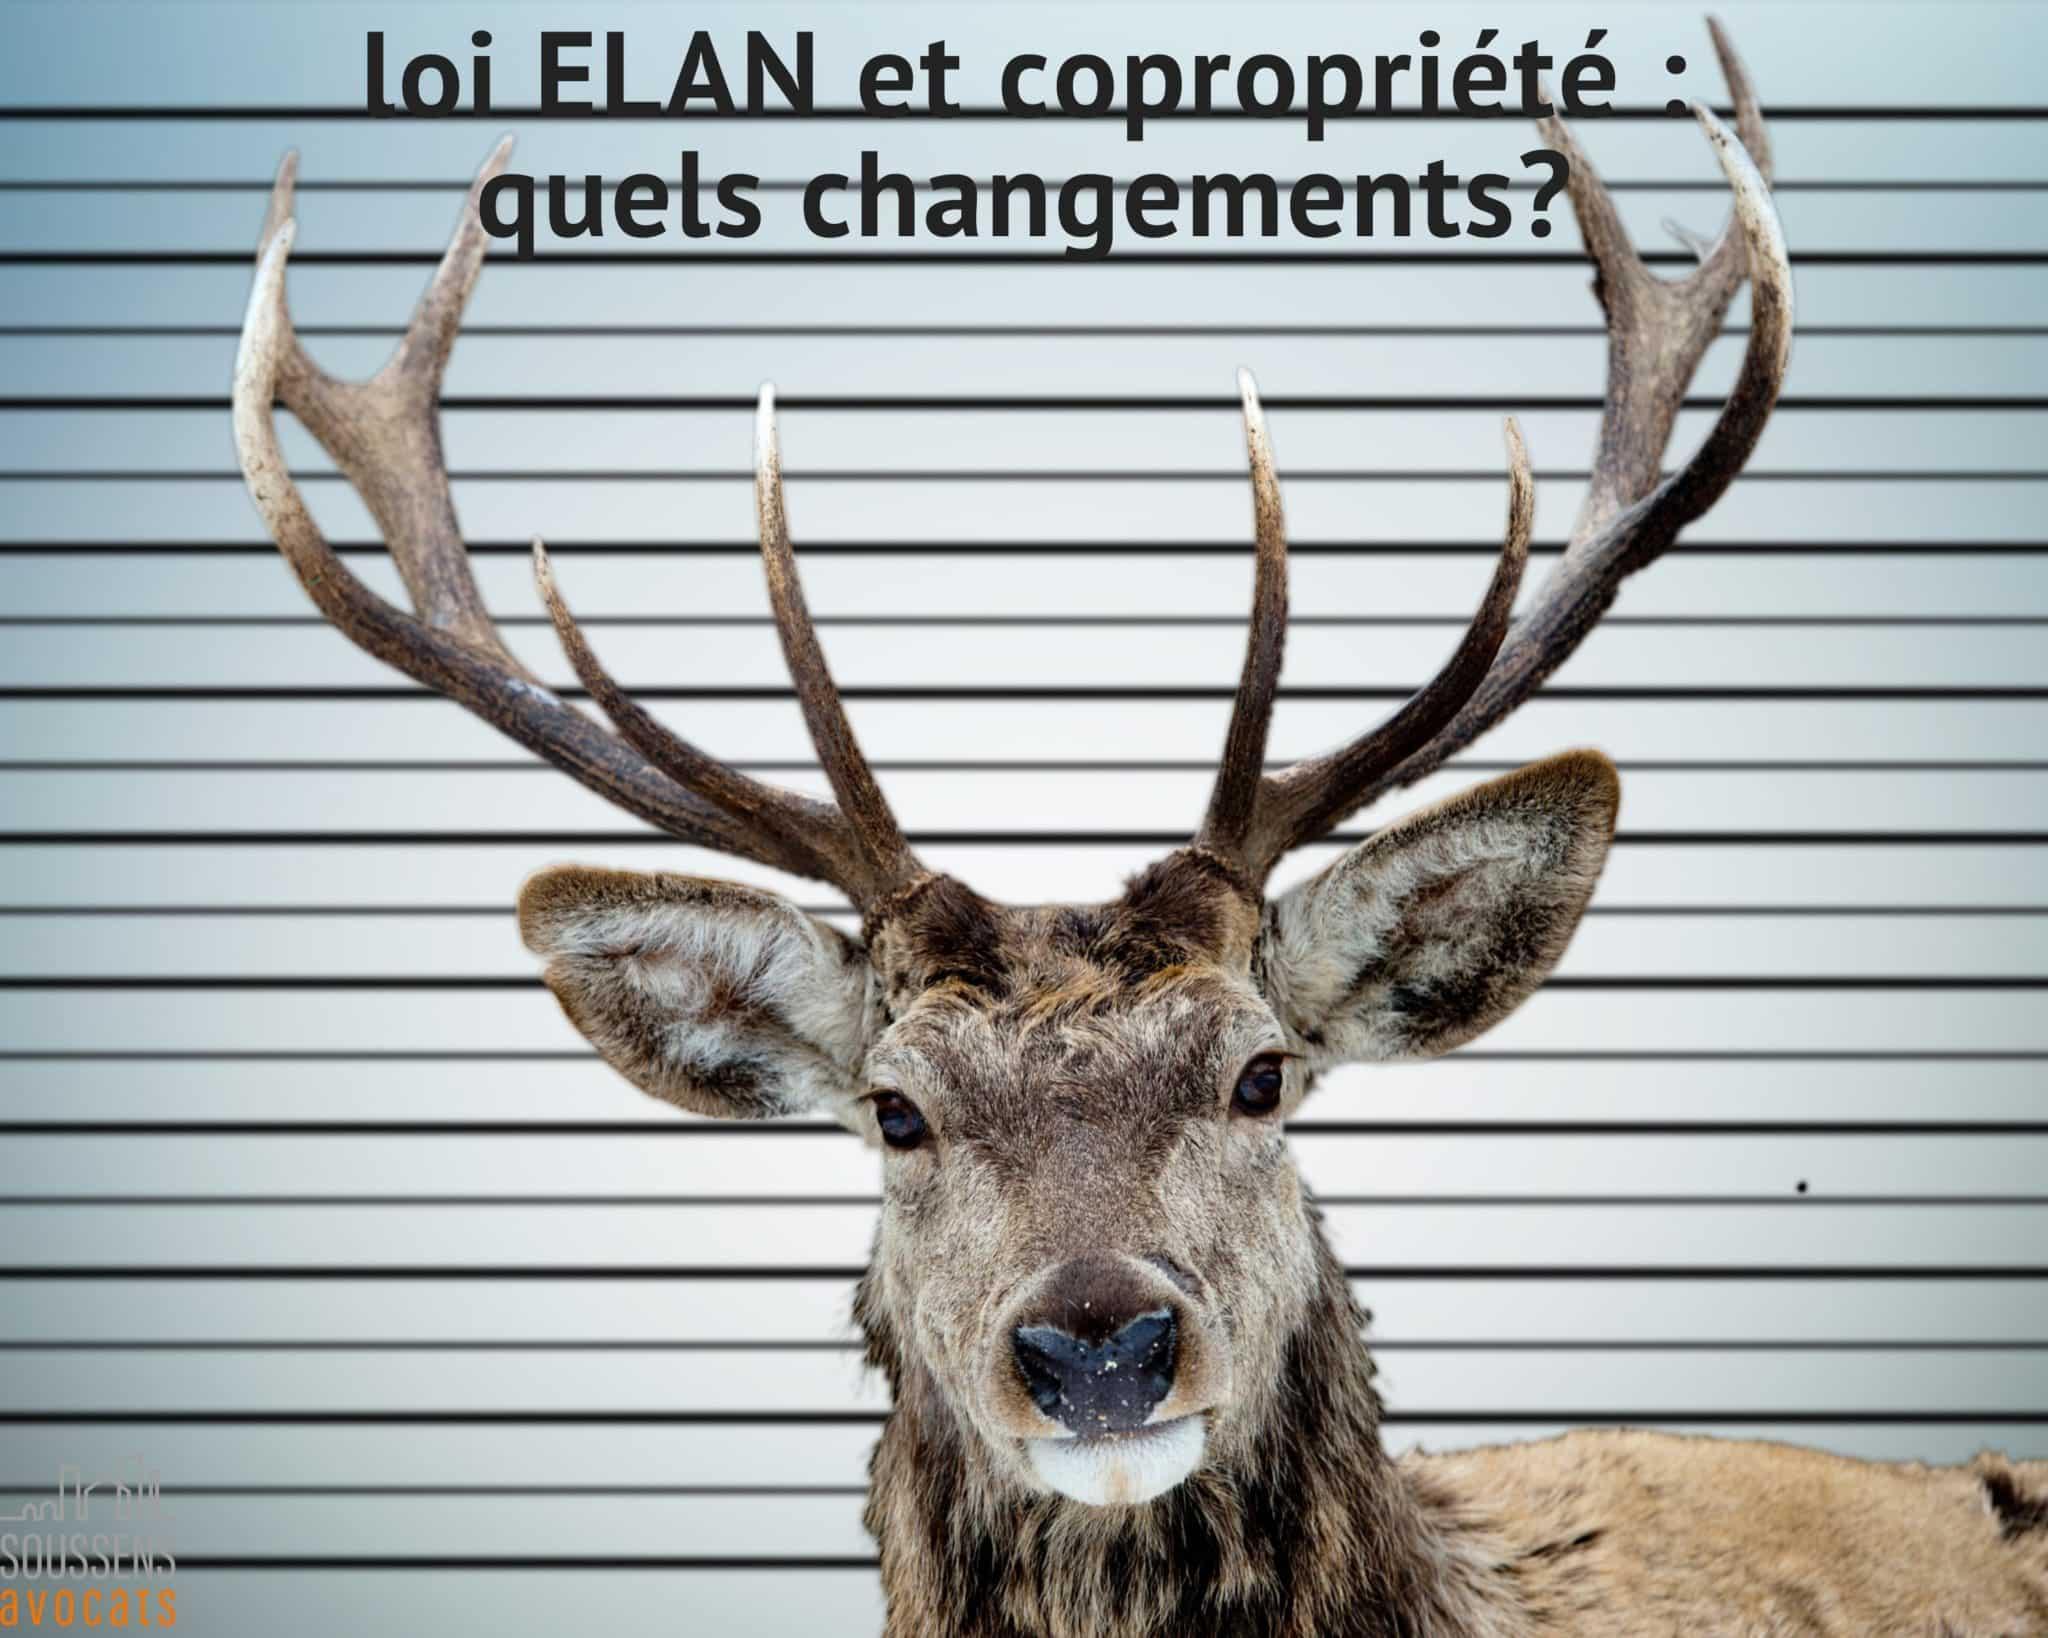 Read more about the article Loi ELAN et copropriété : quels changements?